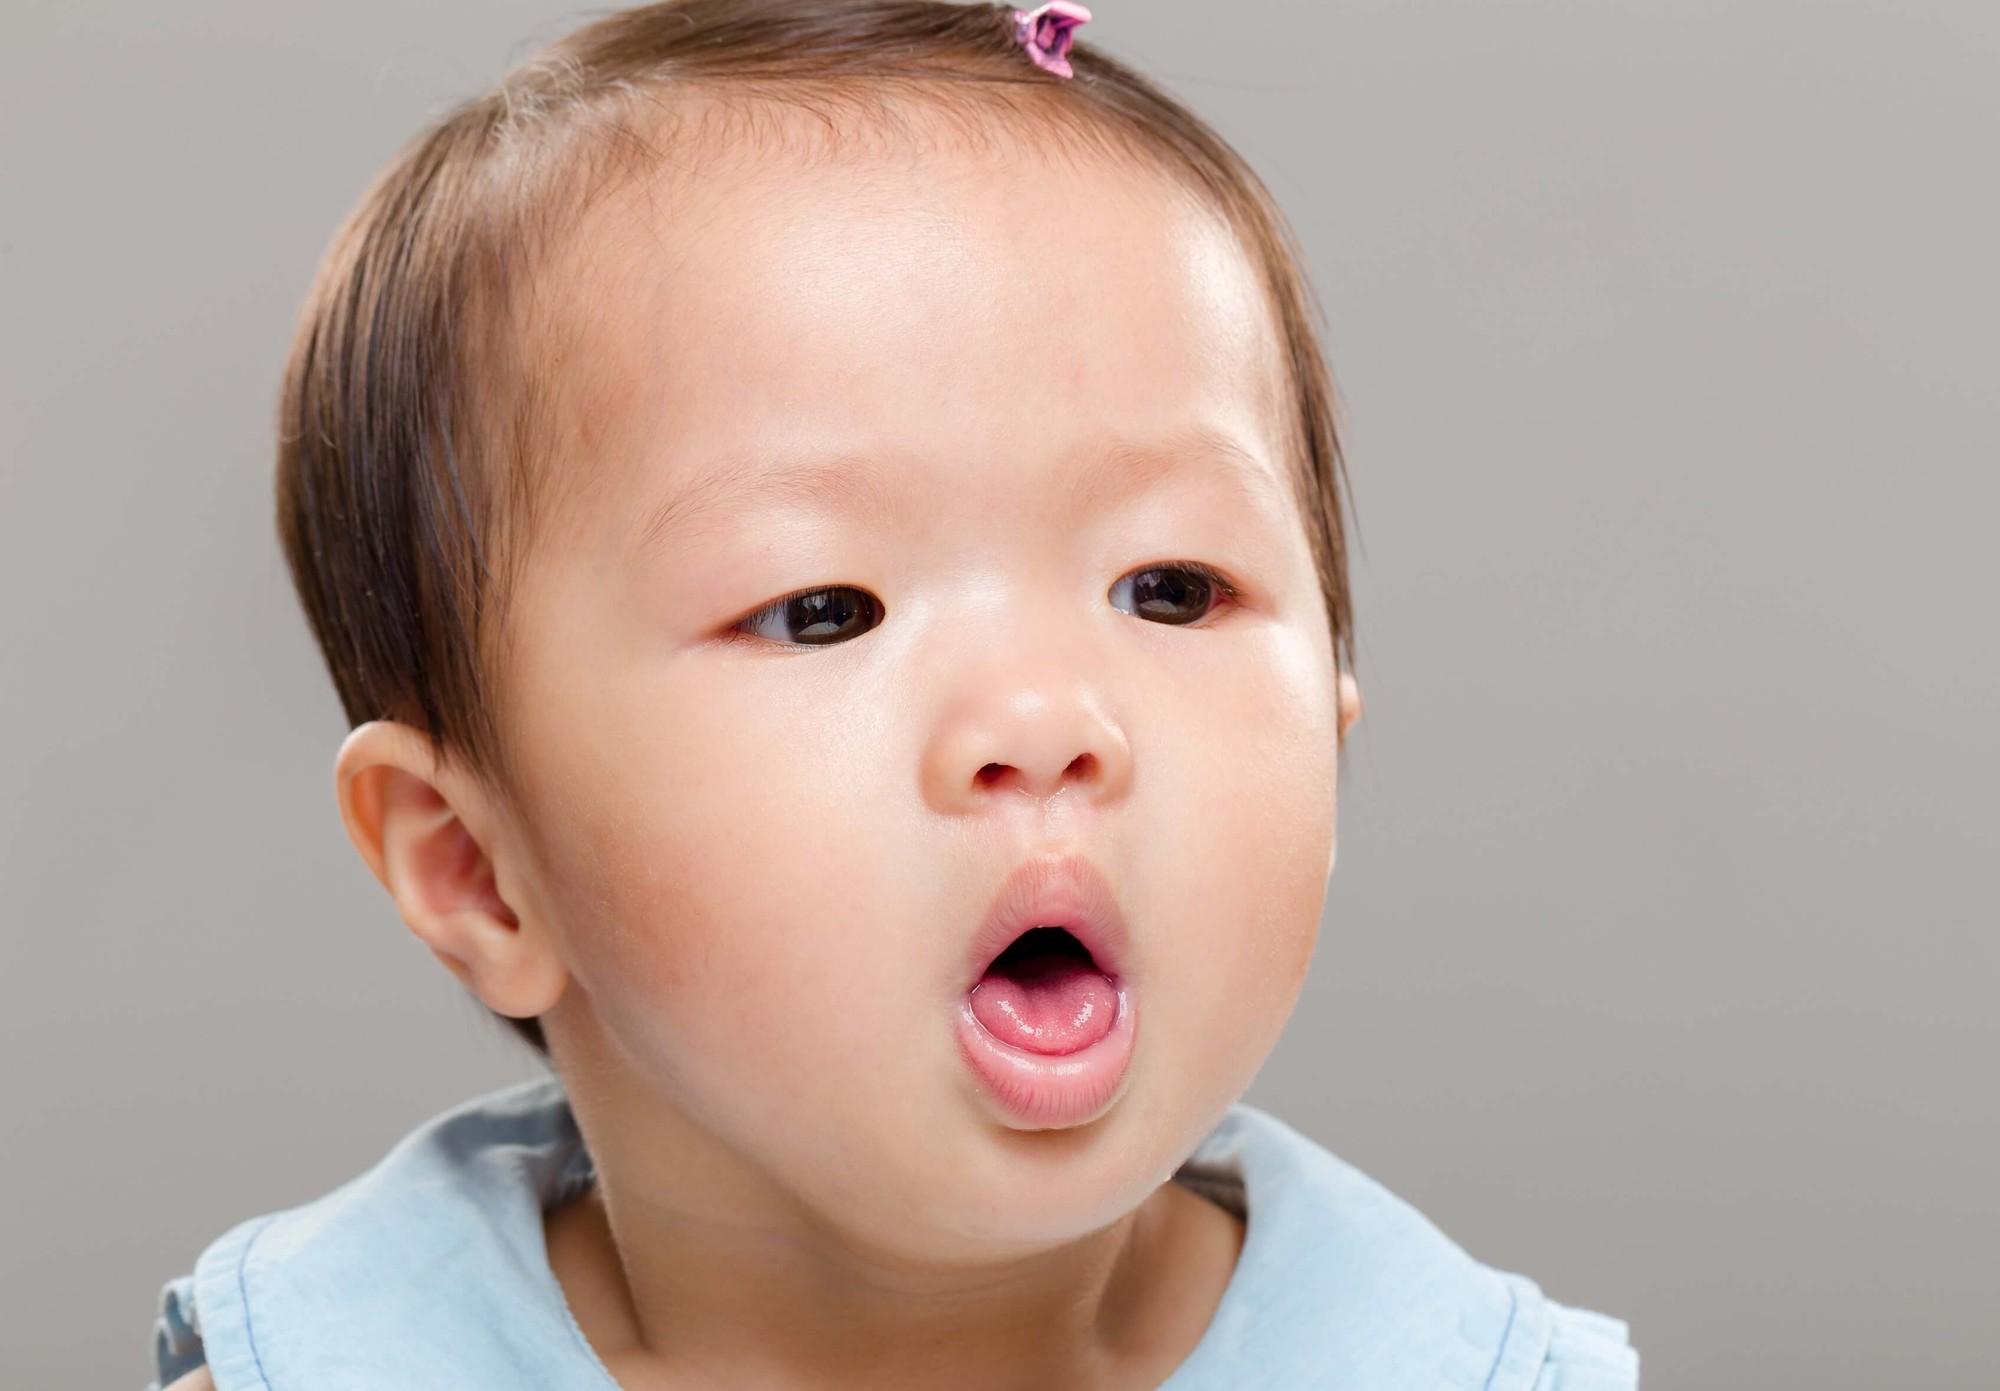 Con gái 1 tuổi ho mãi không dứt, bố mẹ đưa đến bệnh viện khám mới rụng rời khi phát hiện thứ đáng sợ trong ngực con - Ảnh 1.